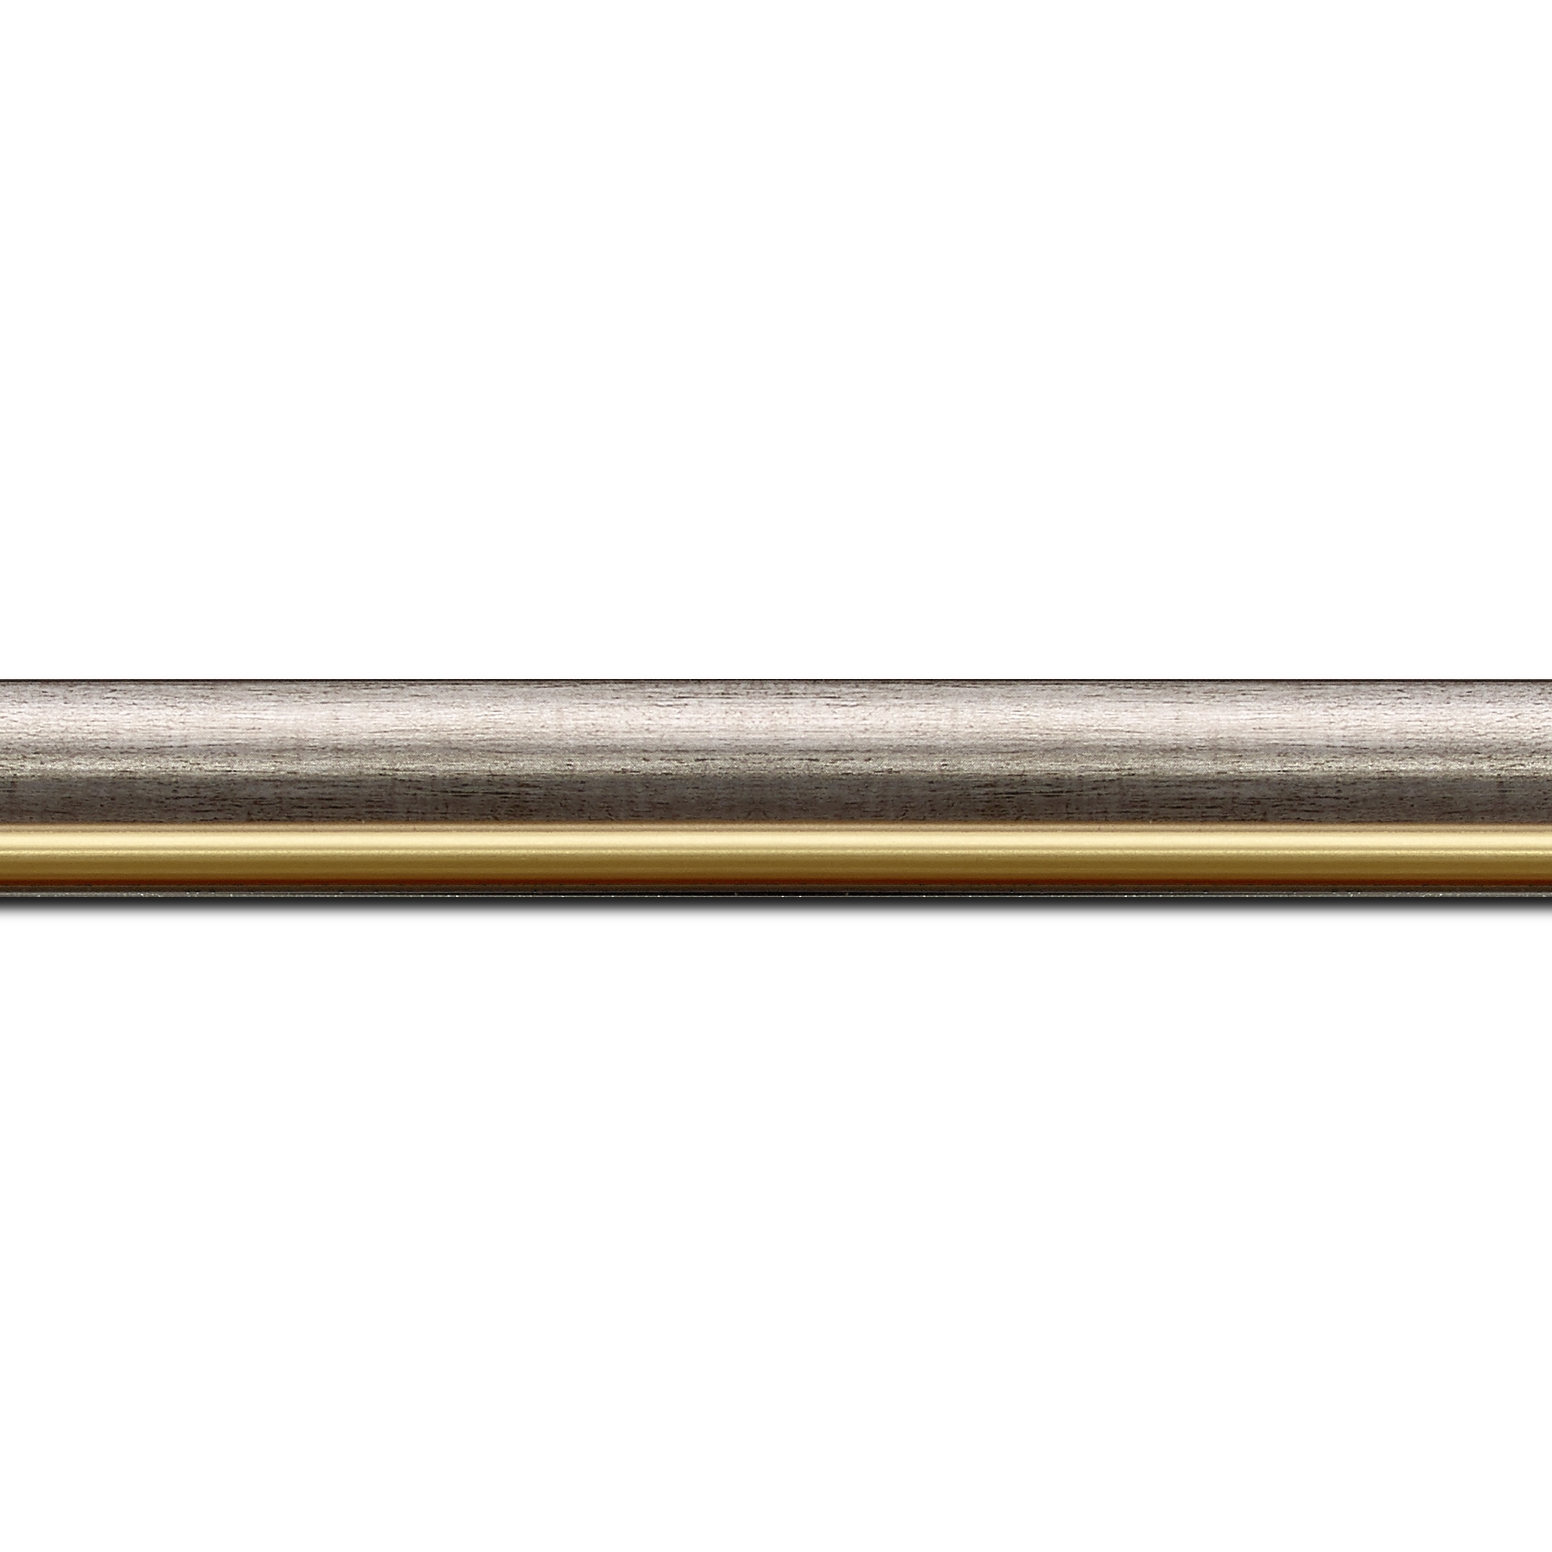 Pack par 12m, bois profil arrondi largeur 2.1cm  couleur plomb filet or  (longueur baguette pouvant varier entre 2.40m et 3m selon arrivage des bois)